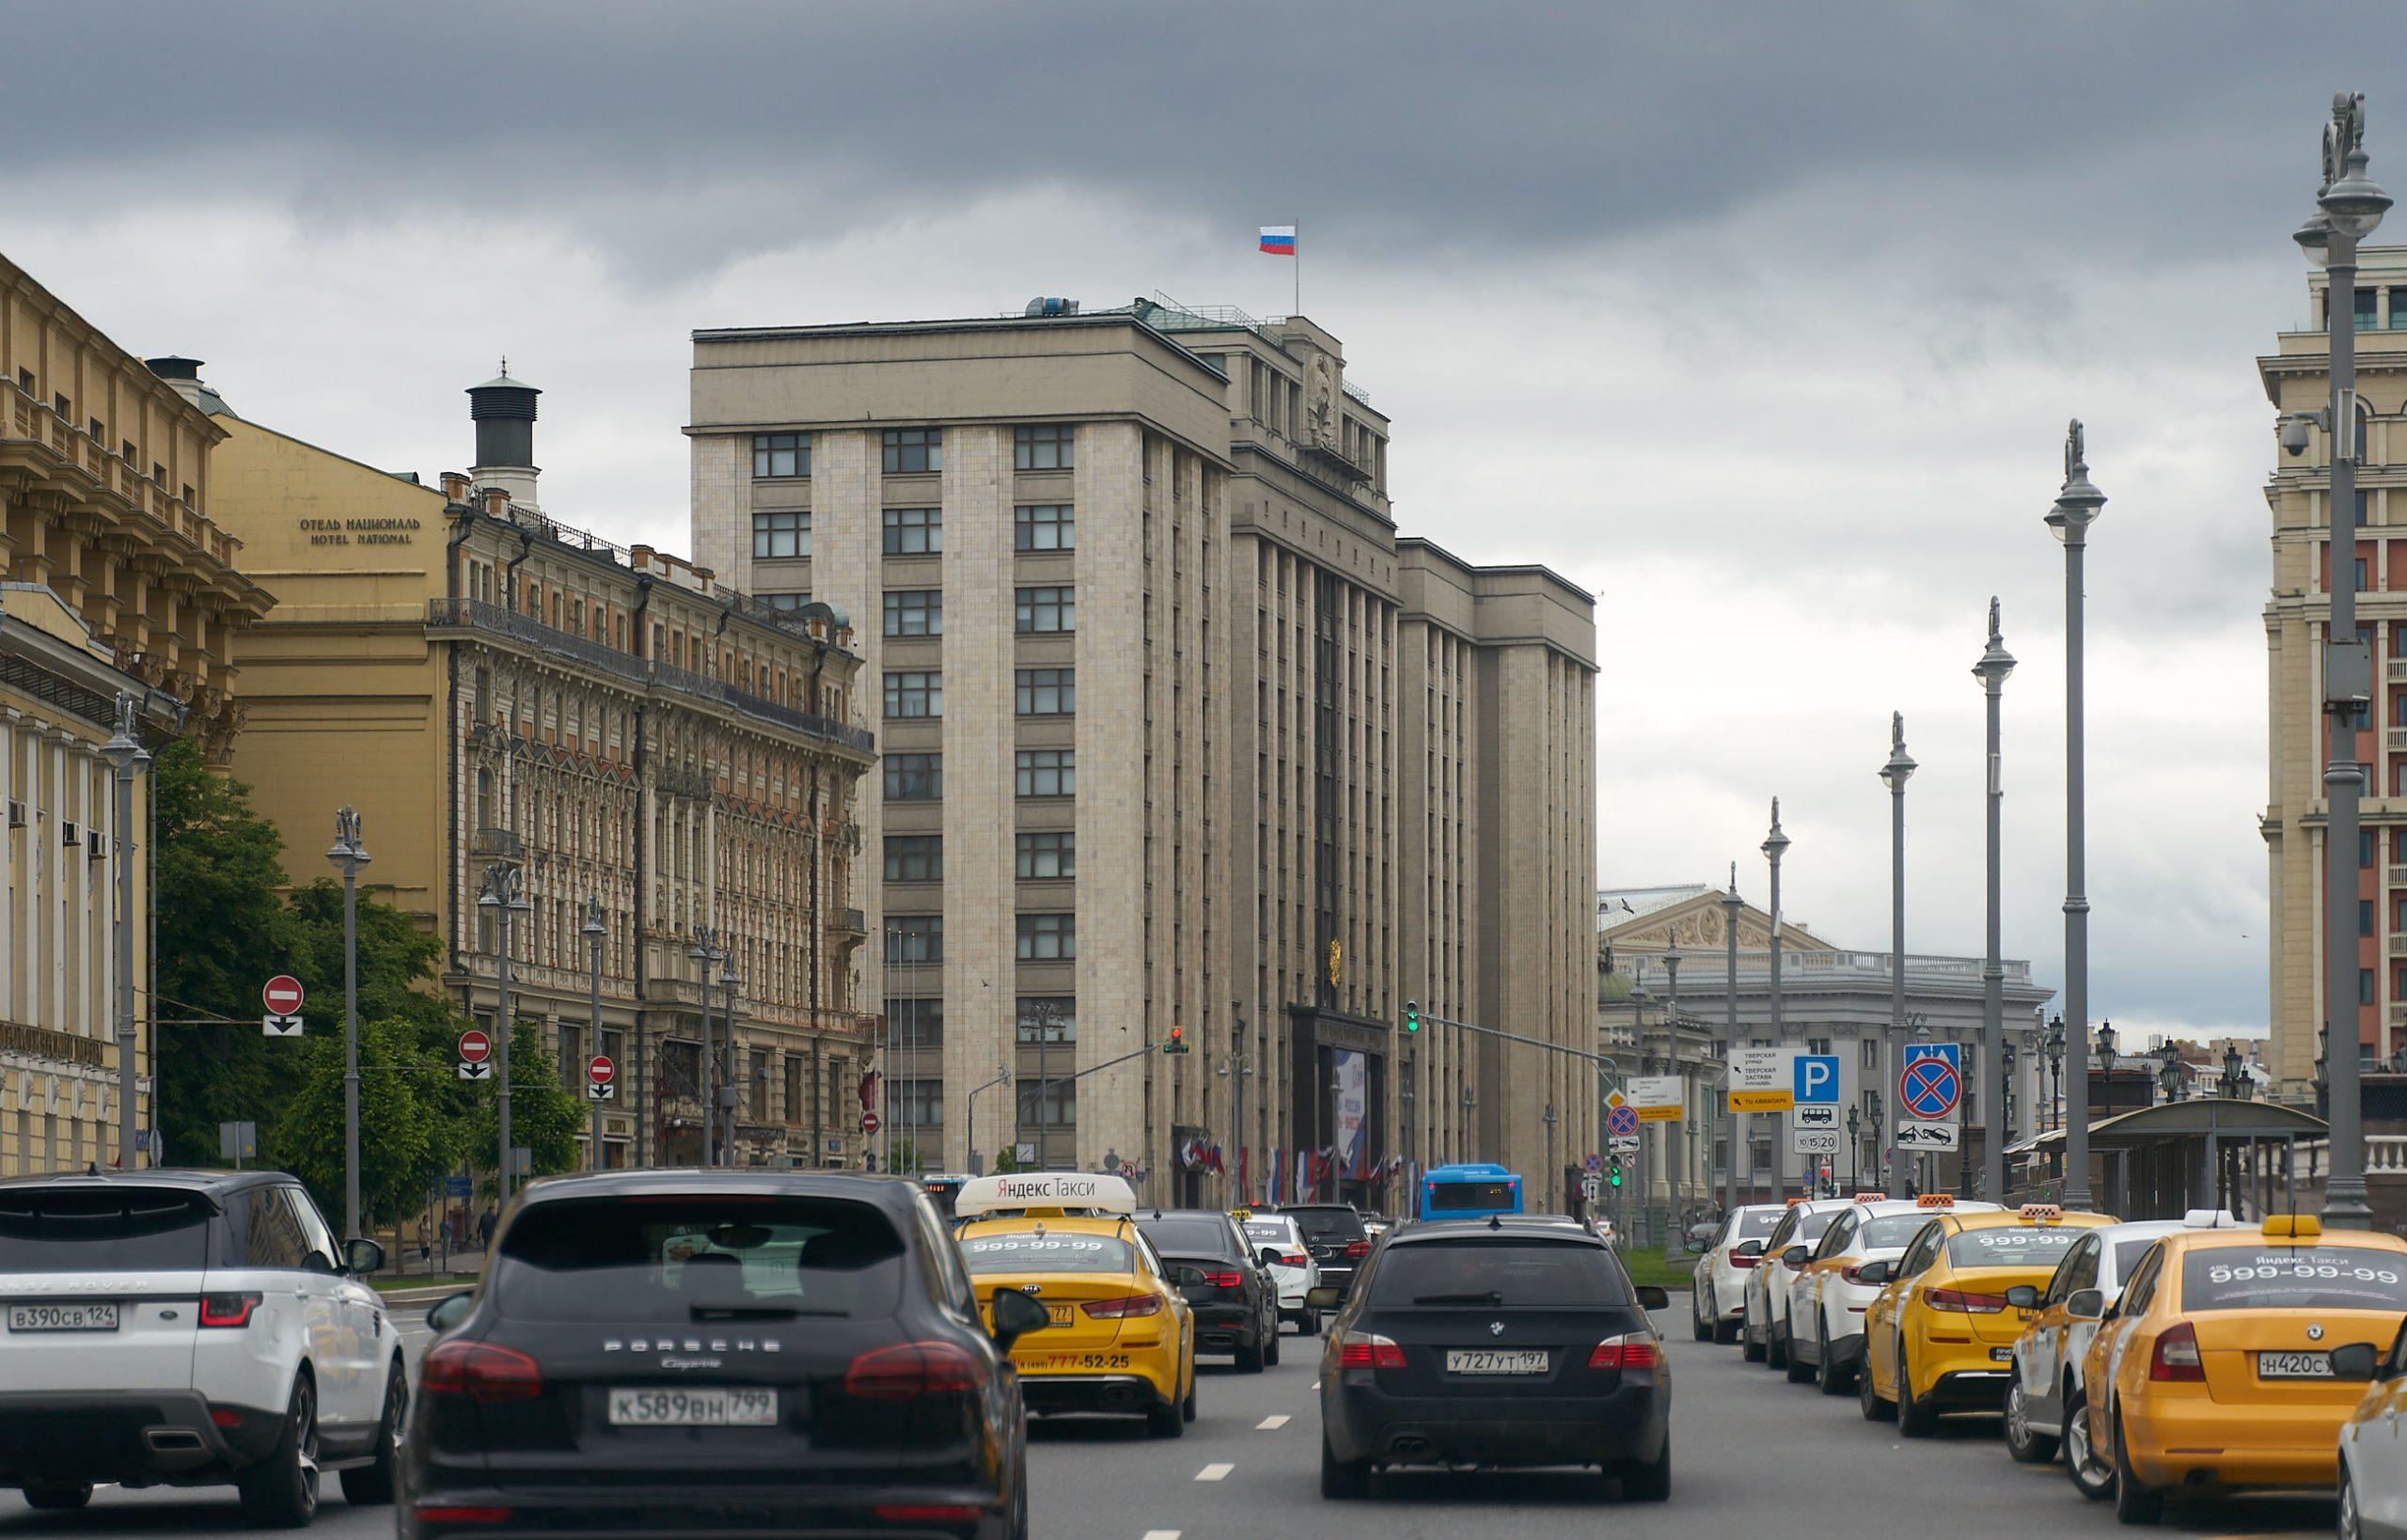 Такси, Москва, Яндекс такси, Госдума